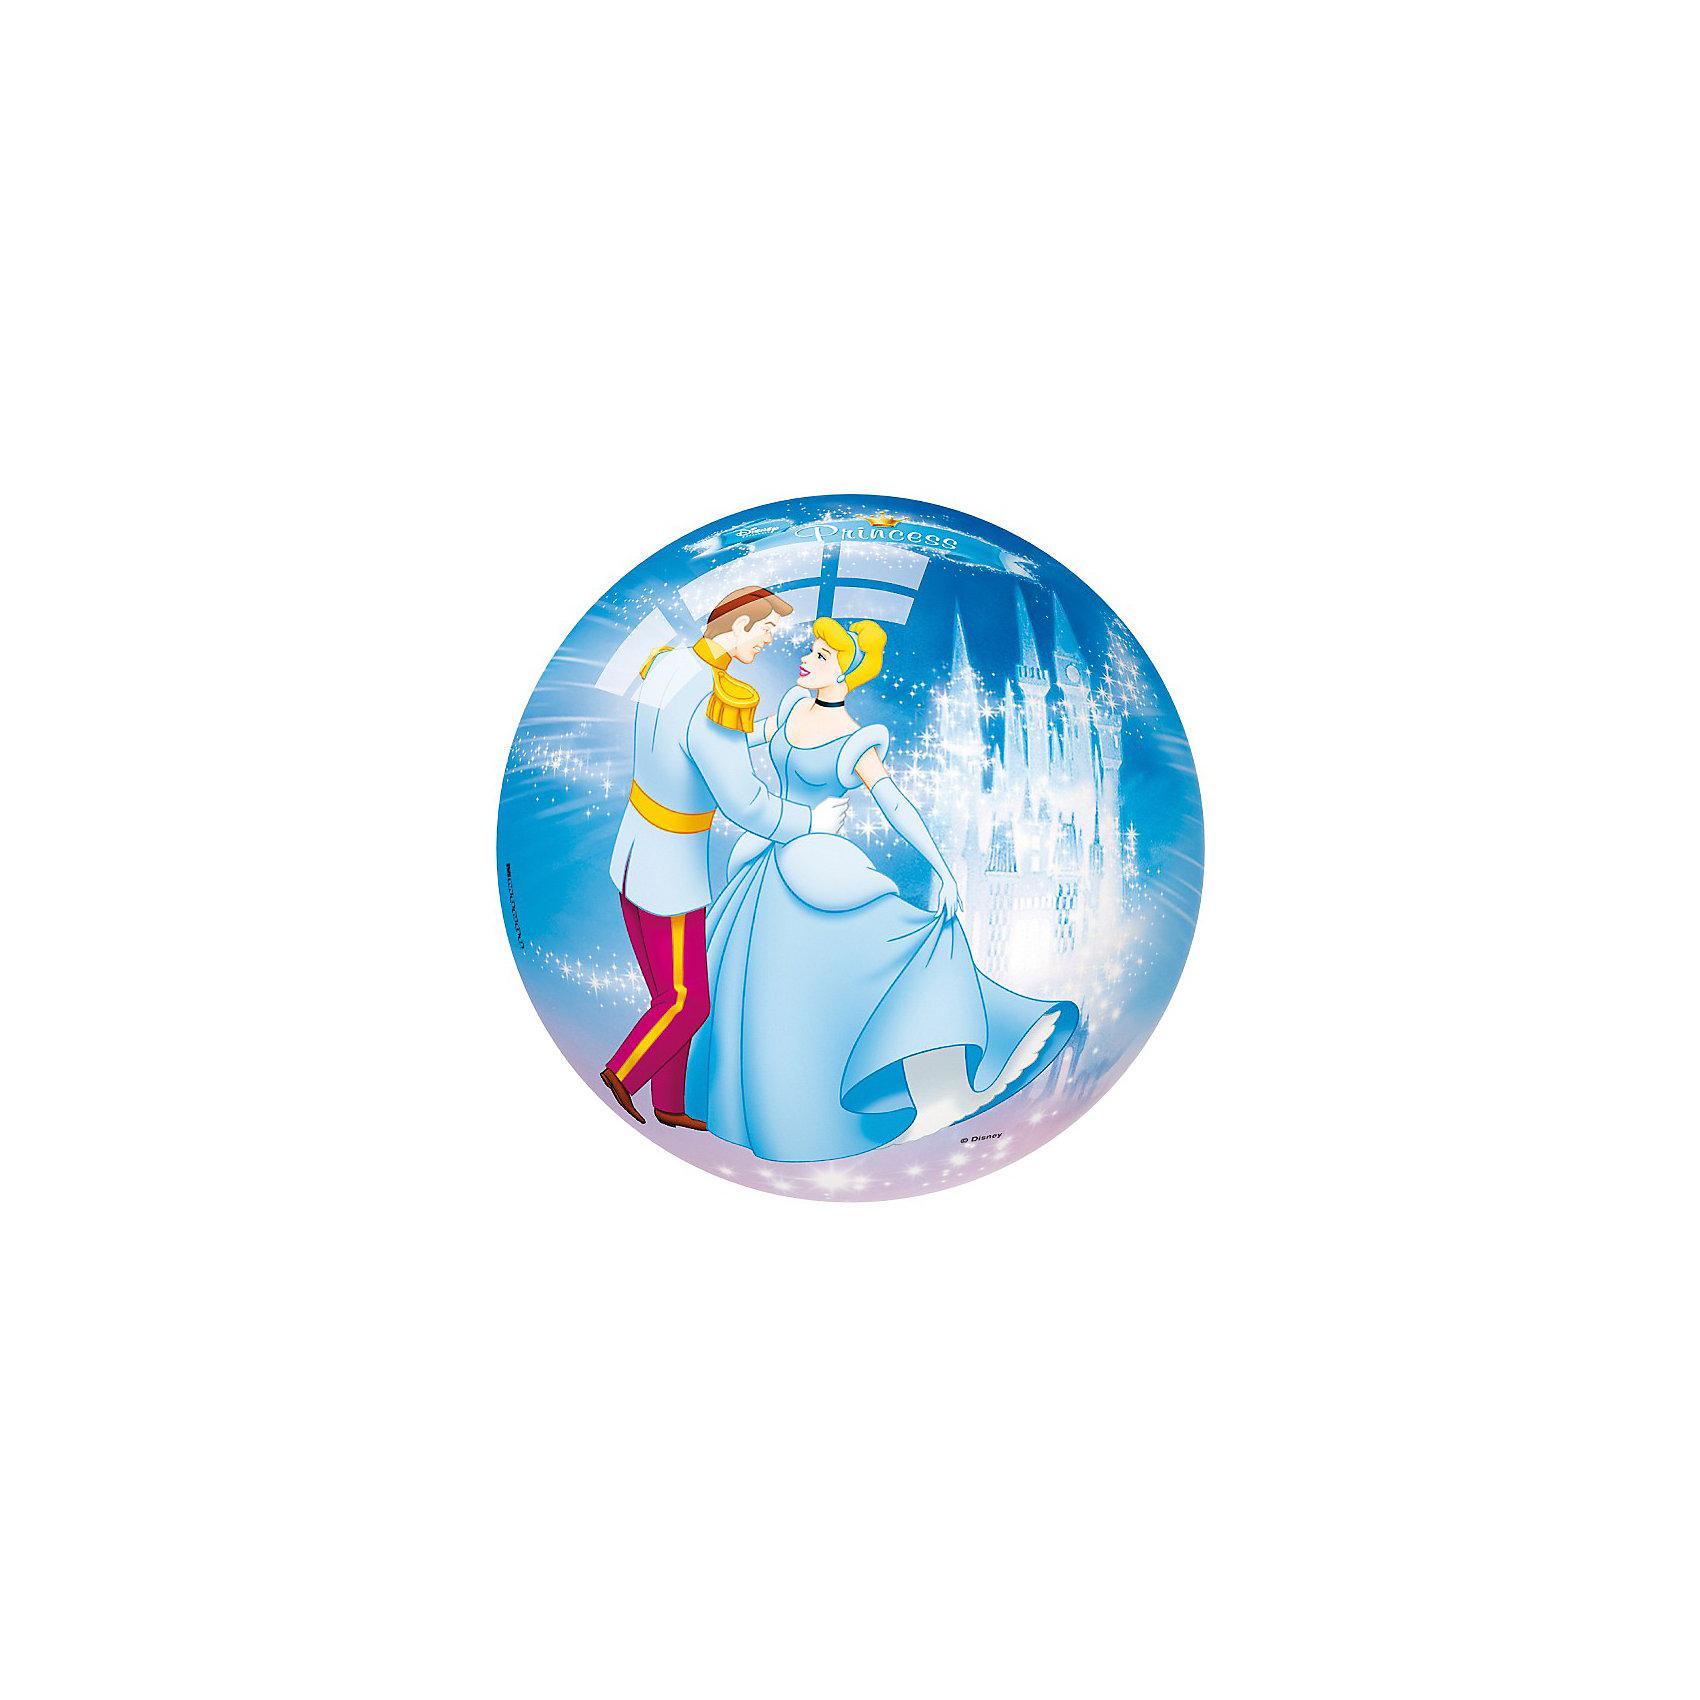 Мяч Принцессы 23 см, MondoВсе дети очень любят играть в мячи. А если это легкий мяч, высоко отскакивает от пола, да еще яркий, красочный, с изображением любимых героев мультфильма, то играть становится вдвойне интересней.<br><br>Дополнительная информация:<br><br>- Диаметр мяча: 23см<br><br>ВНИМАНИЕ: Данный артикул представлен в разных цветовых исполнениях. К сожалению, заранее выбрать определенный цвет нельзя. При заказе нескольких мячей возможно получение одинаковых.<br><br>Mondo Мяч Принцессы 23 см можно купить в нашем магазине.<br><br>Ширина мм: 220<br>Глубина мм: 20<br>Высота мм: 220<br>Вес г: 125<br>Возраст от месяцев: 36<br>Возраст до месяцев: 1188<br>Пол: Унисекс<br>Возраст: Детский<br>SKU: 2439615